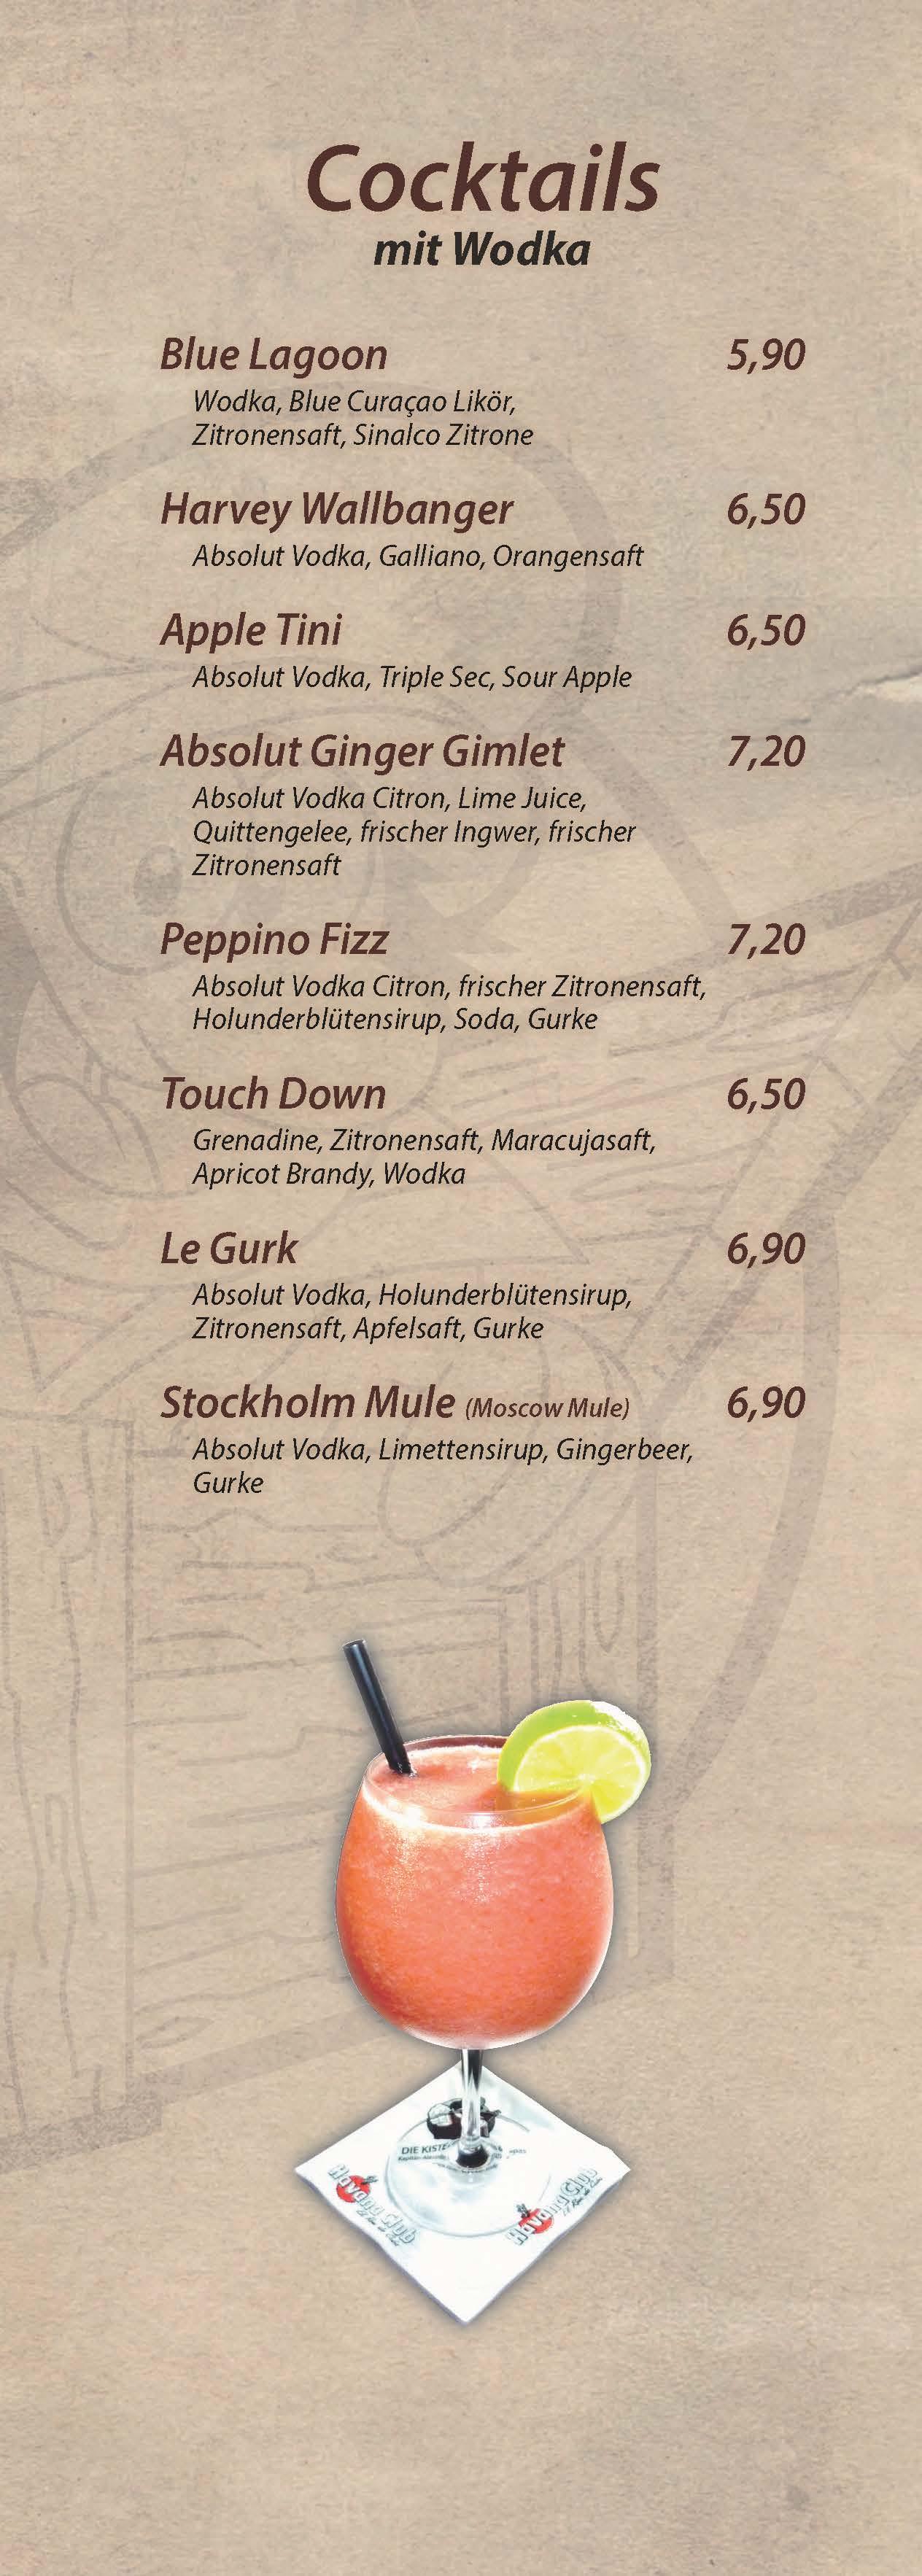 Cocktails mit Wodka - Cocktailbar Die Kiste in Cuxhaven